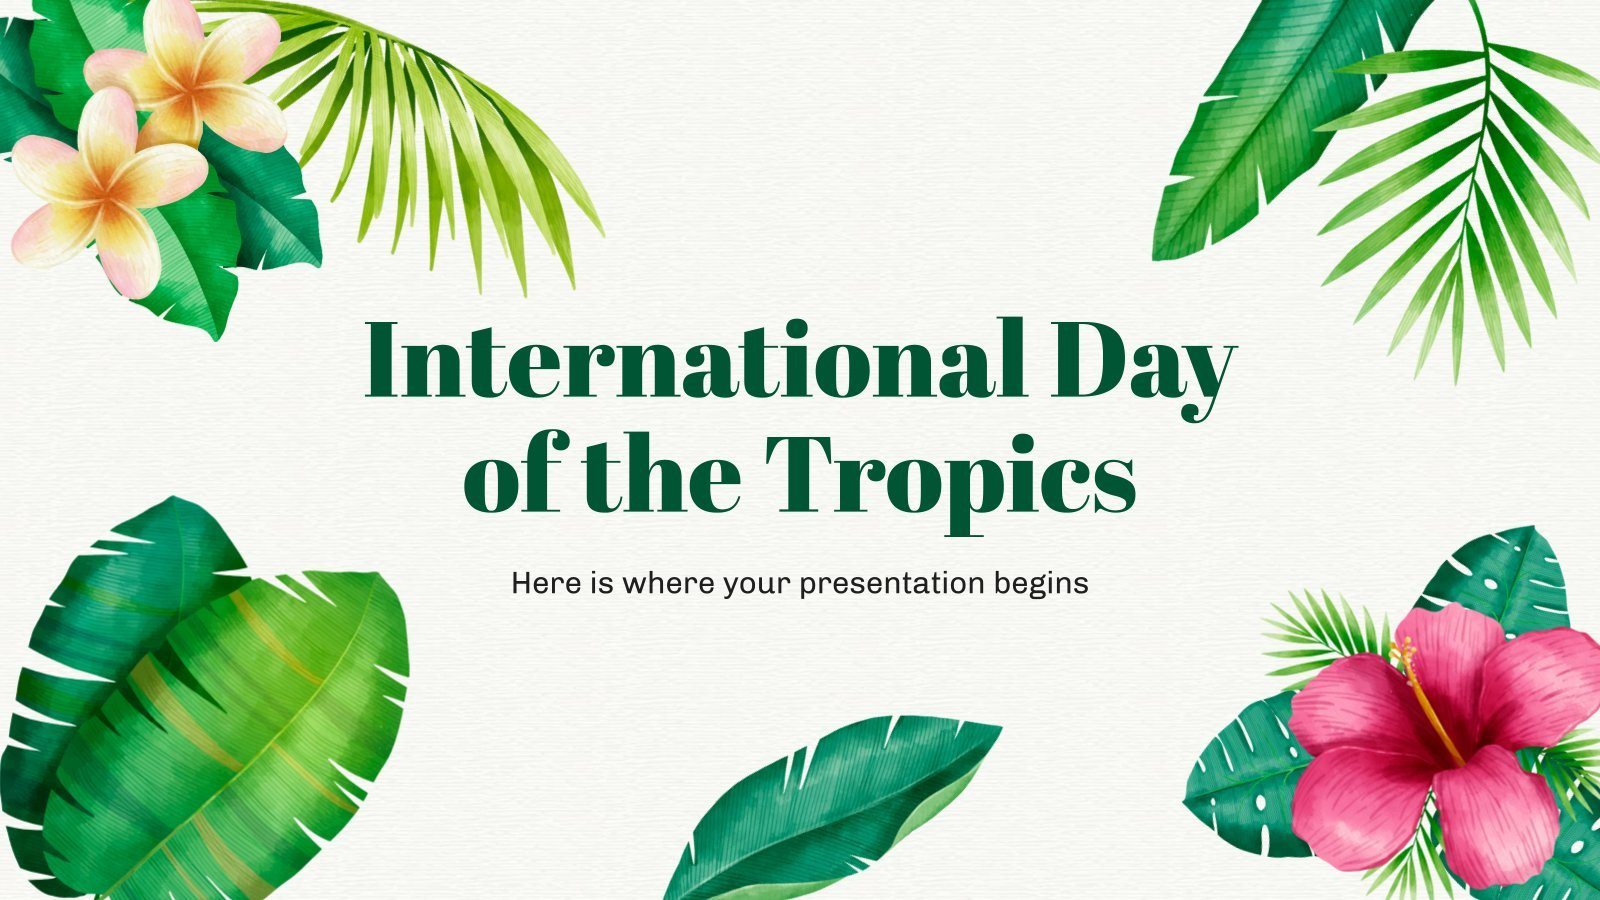 Journée internationale des tropiques : Modèles de présentation